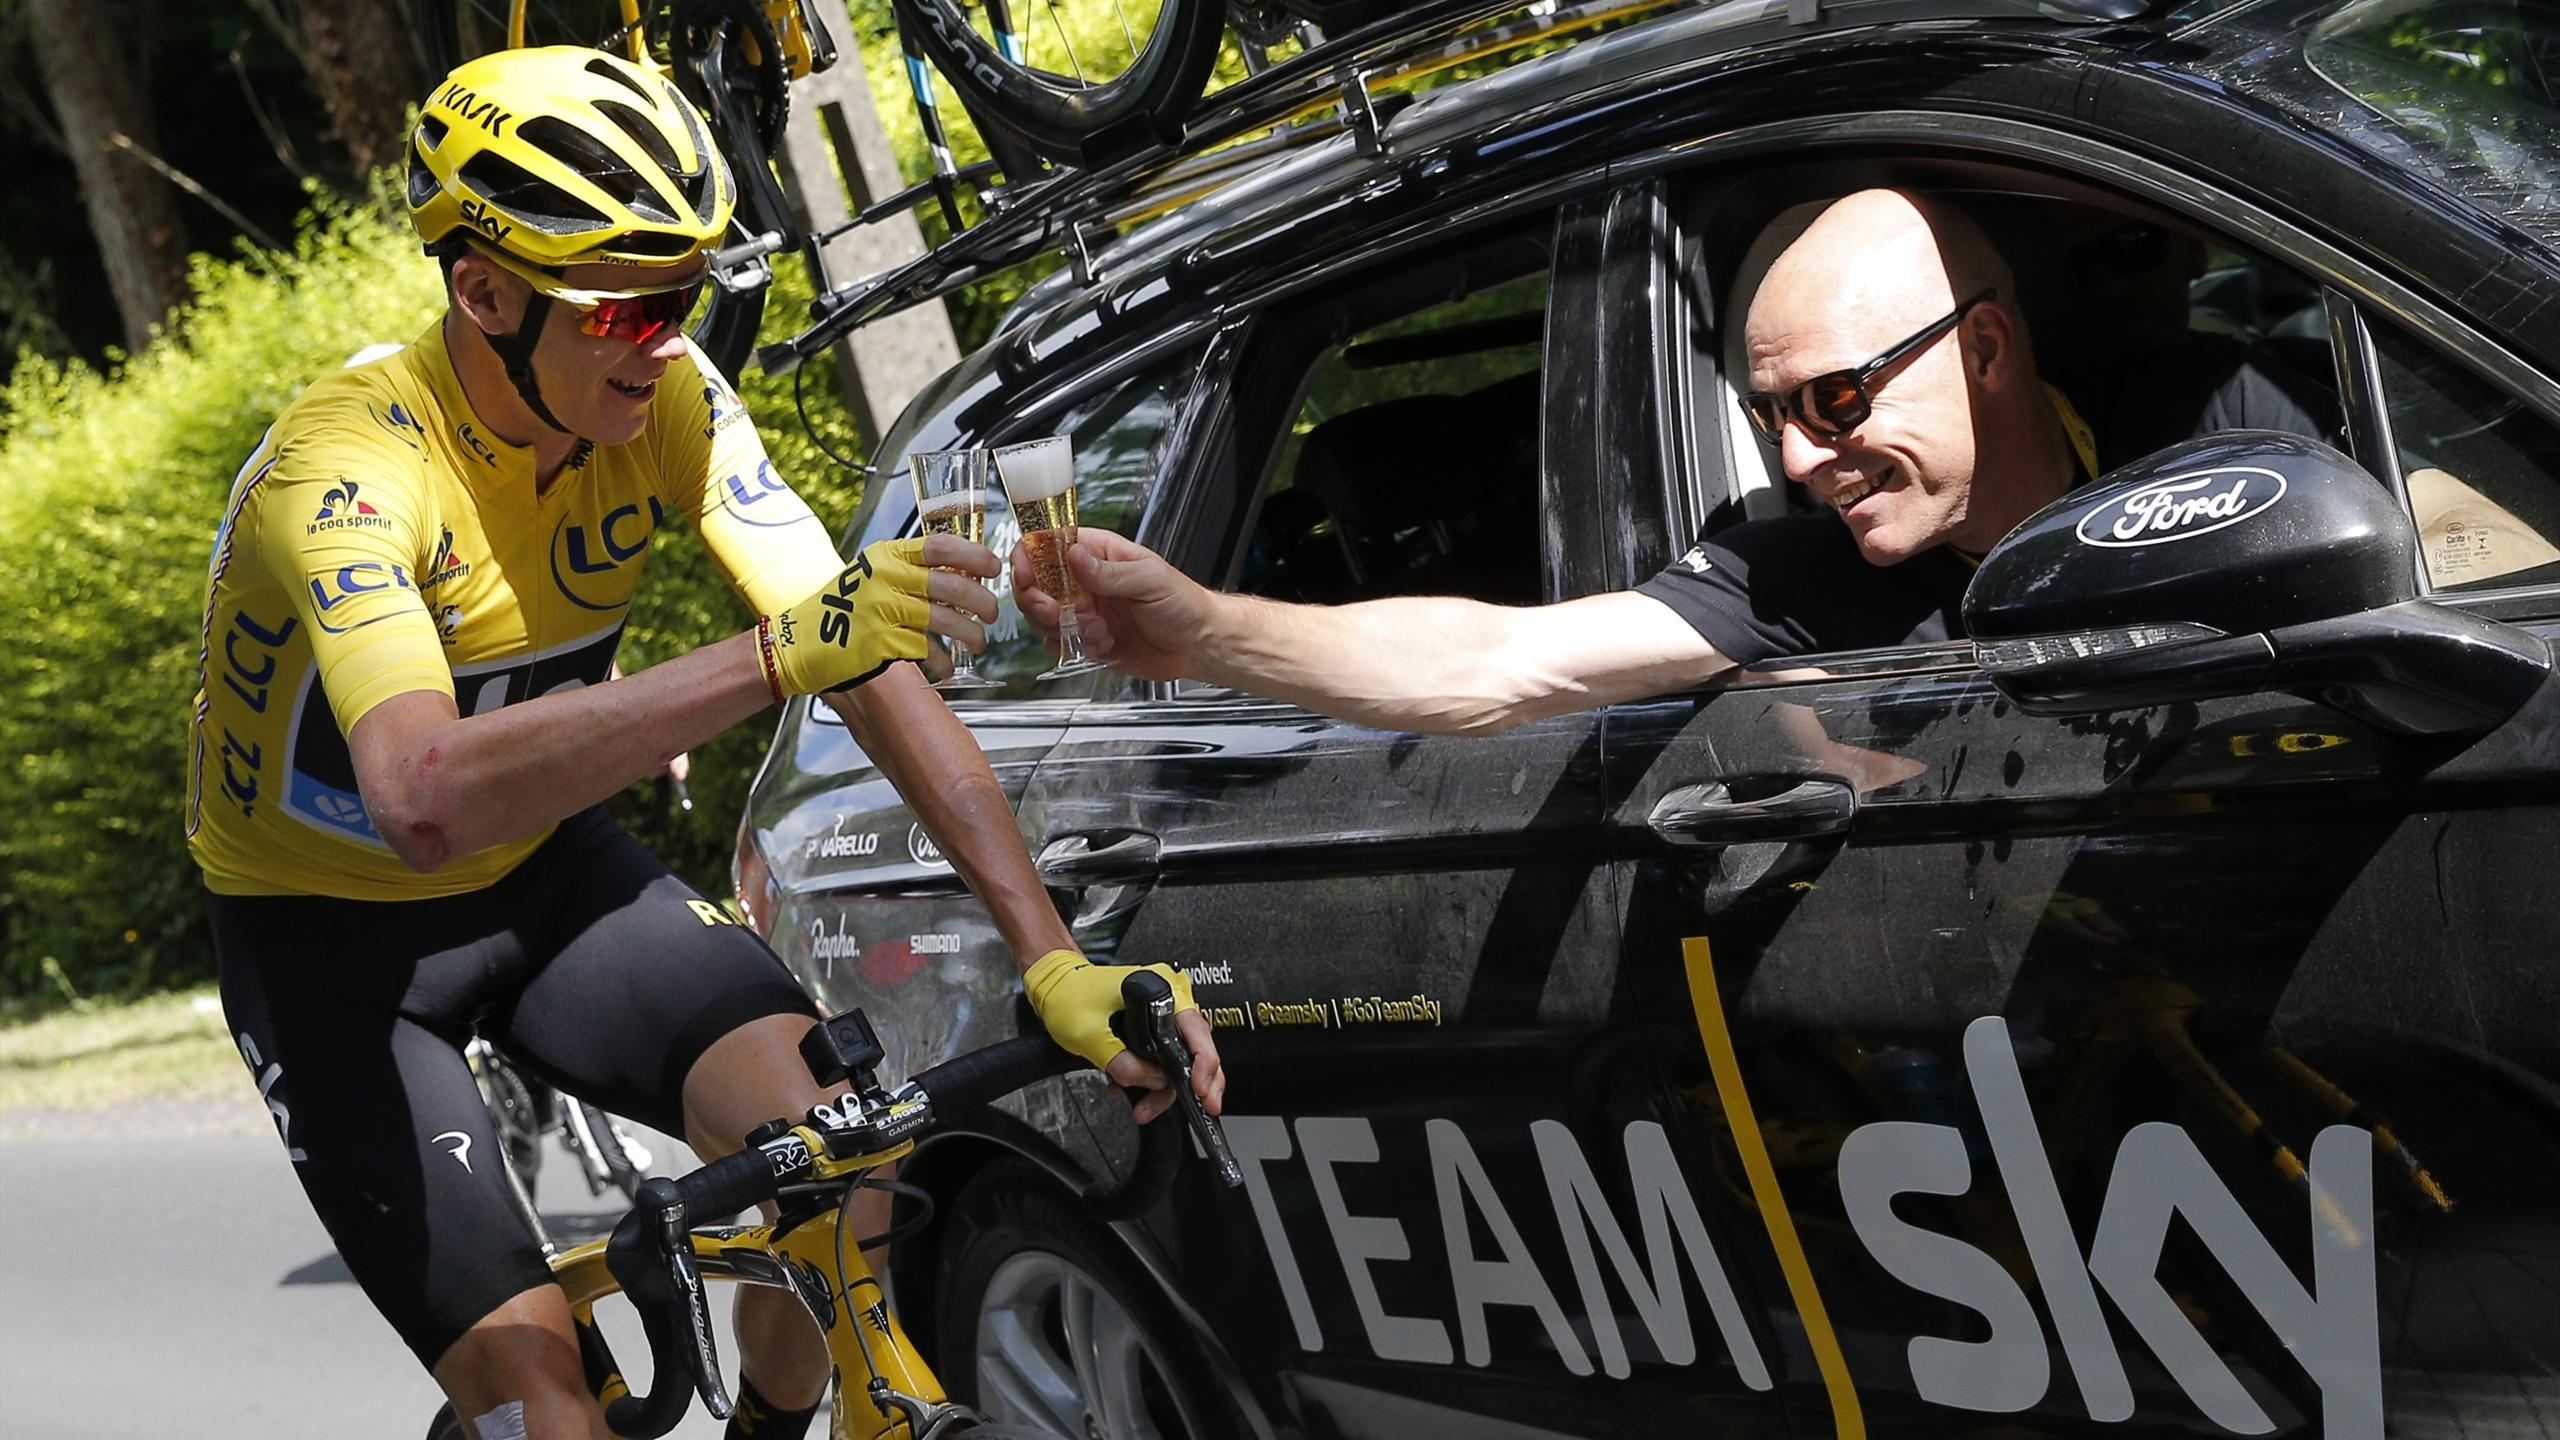 Dopage - Le Dr Freeman coupable, Sky plus que jamais suspecte - Eurosport FR